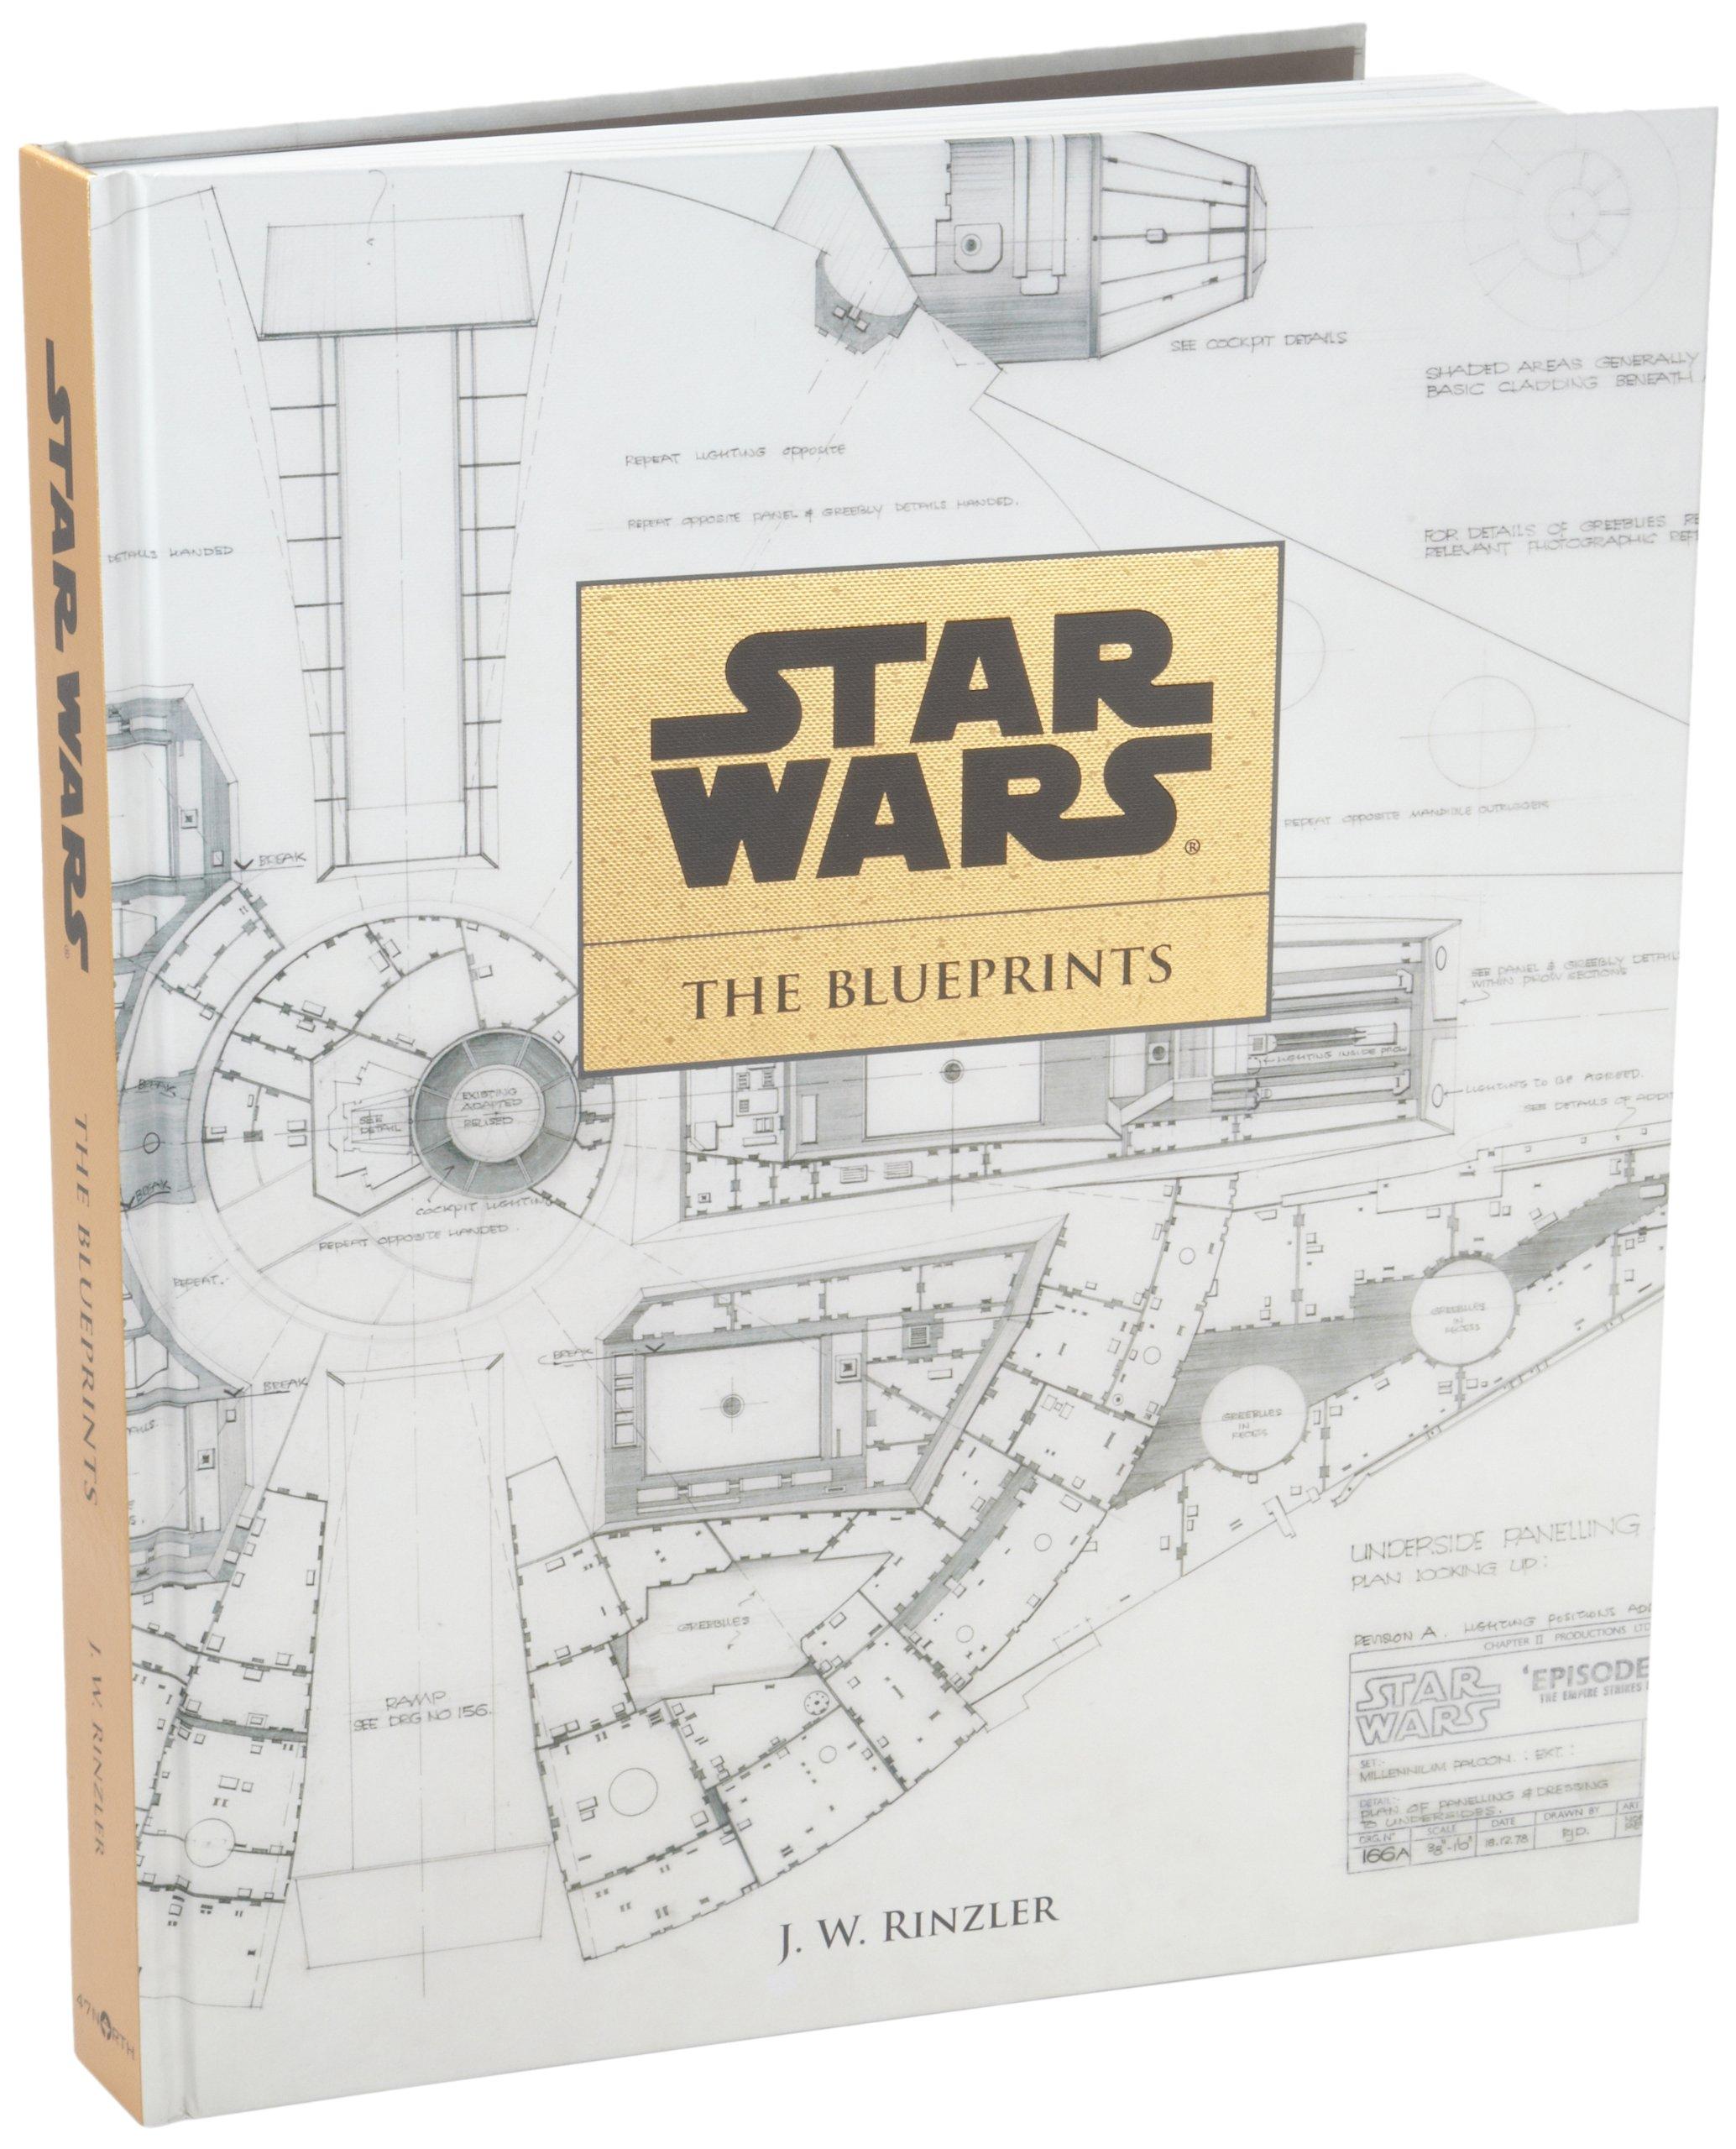 star wars the blueprints j w rinzler 8601400394311 amazon star wars the blueprints j w rinzler 8601400394311 amazon com books